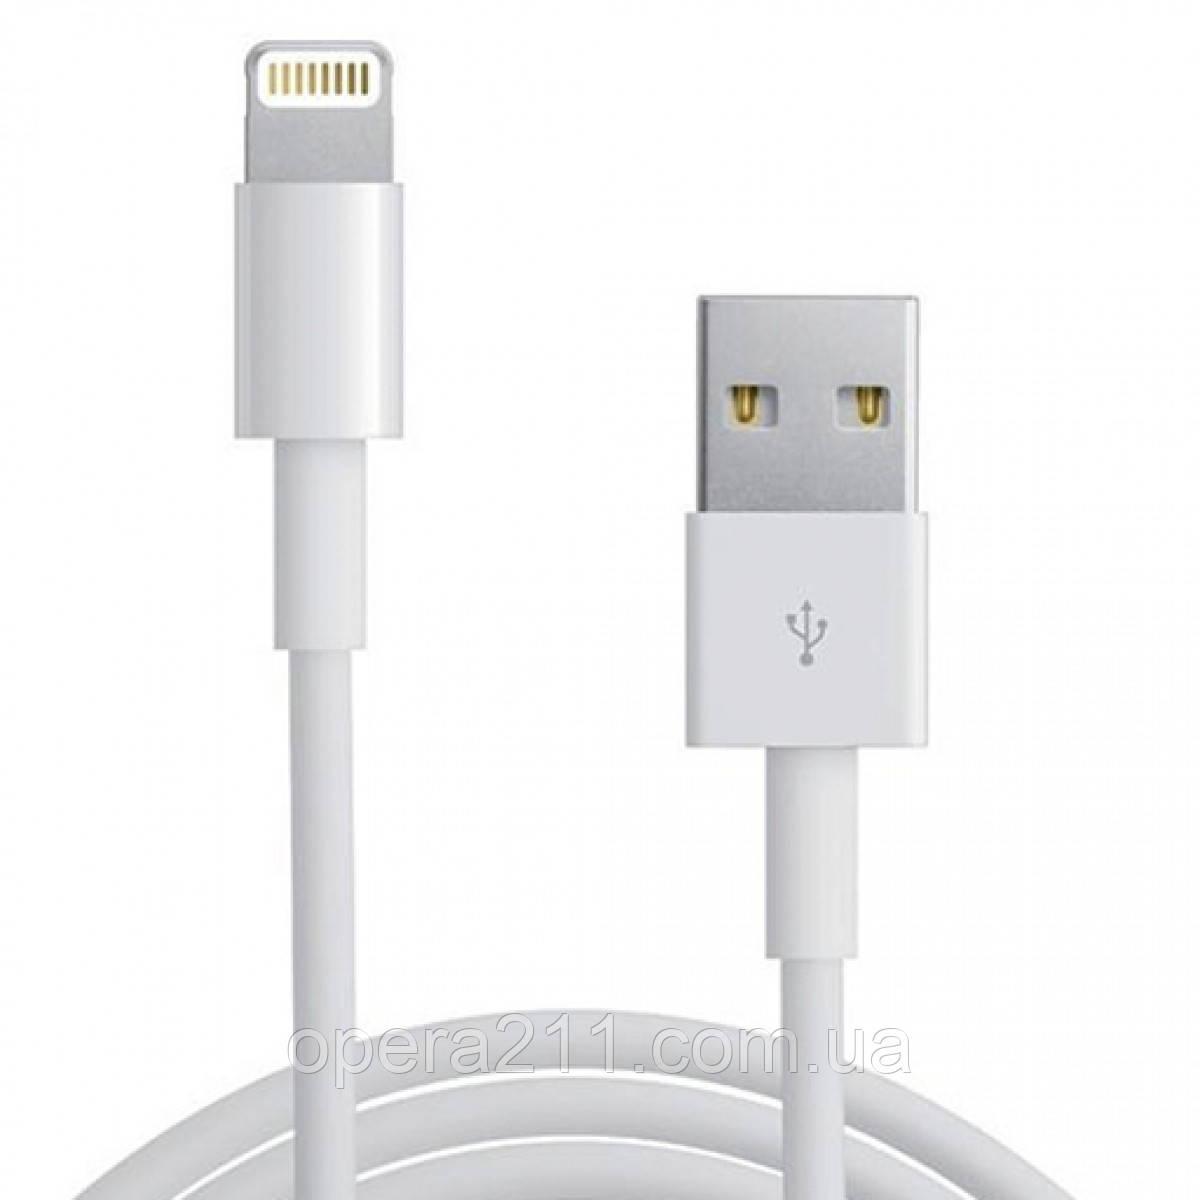 Кабель USB для для Iphone